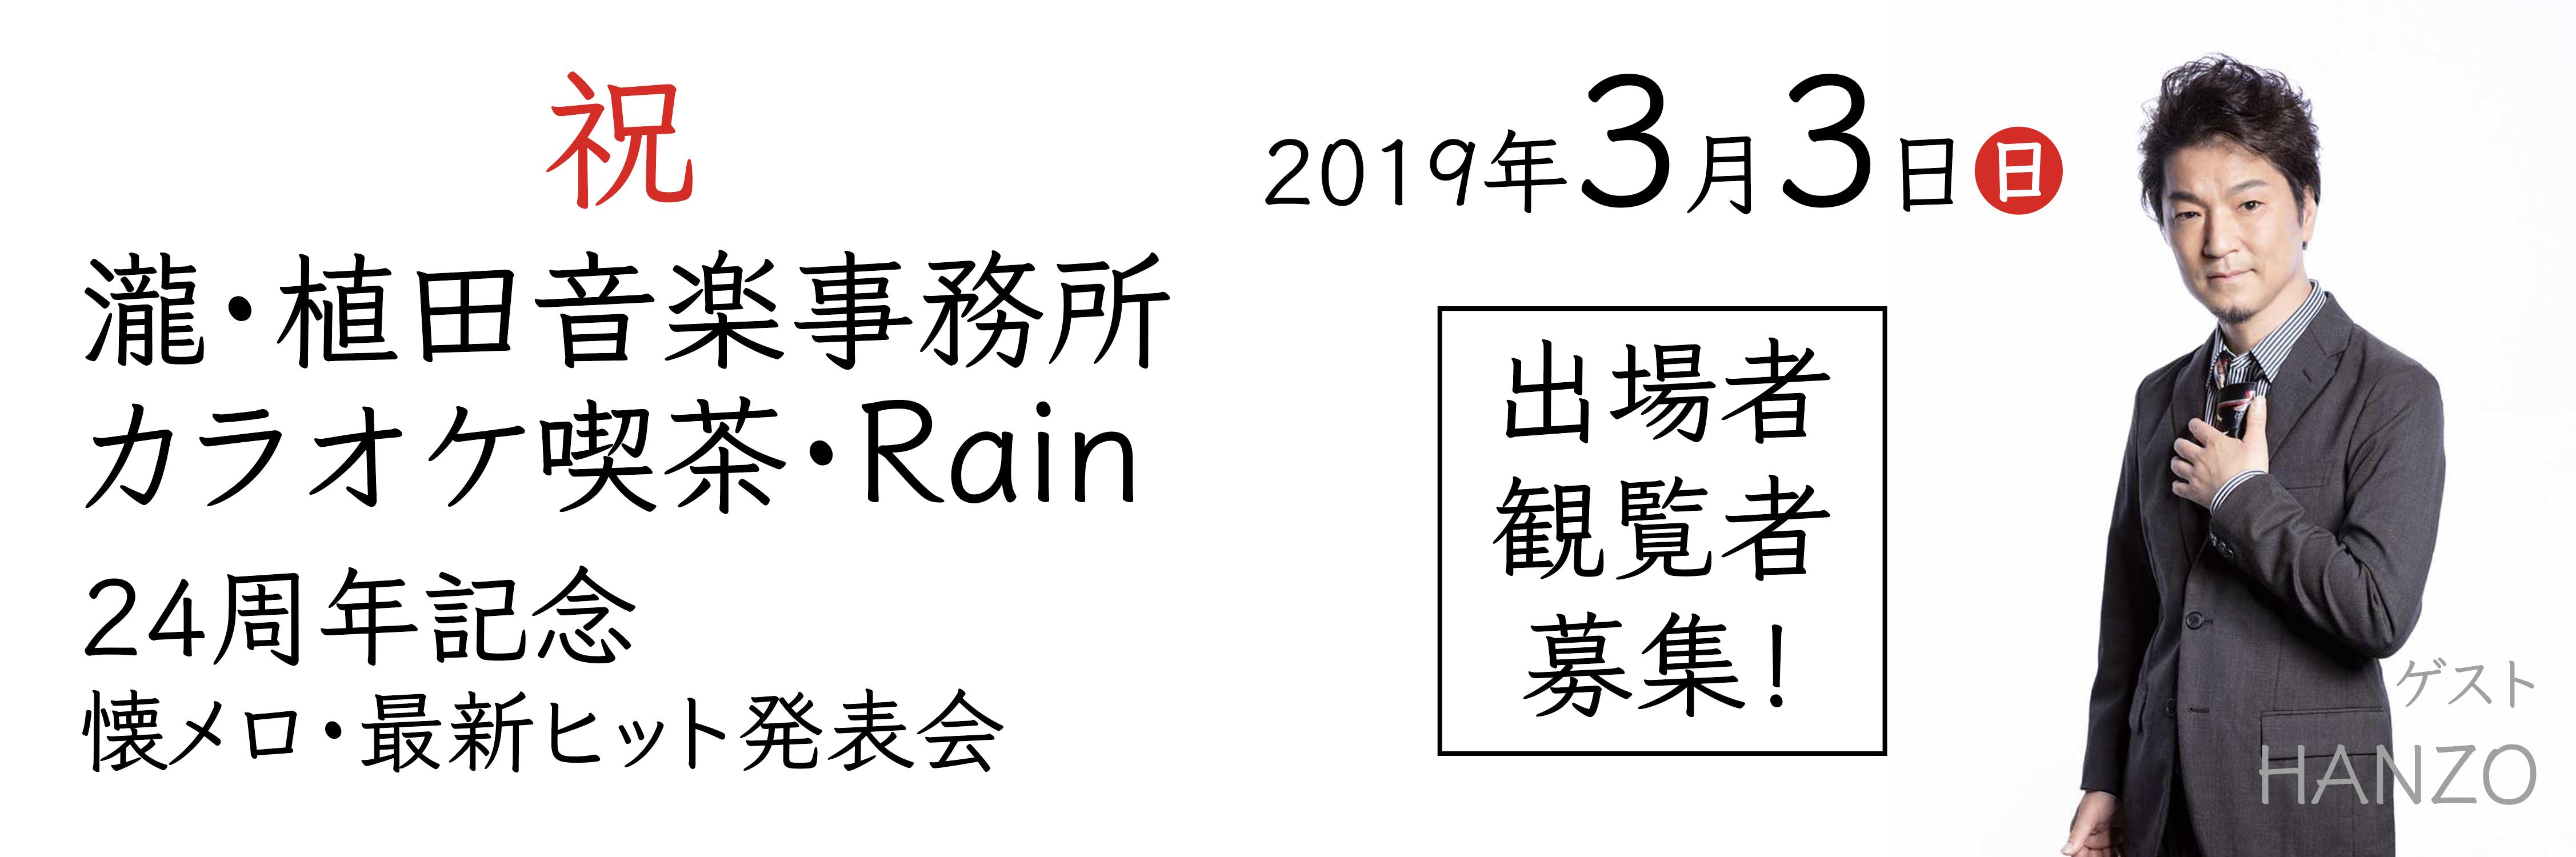 カラオケ喫茶・Rain